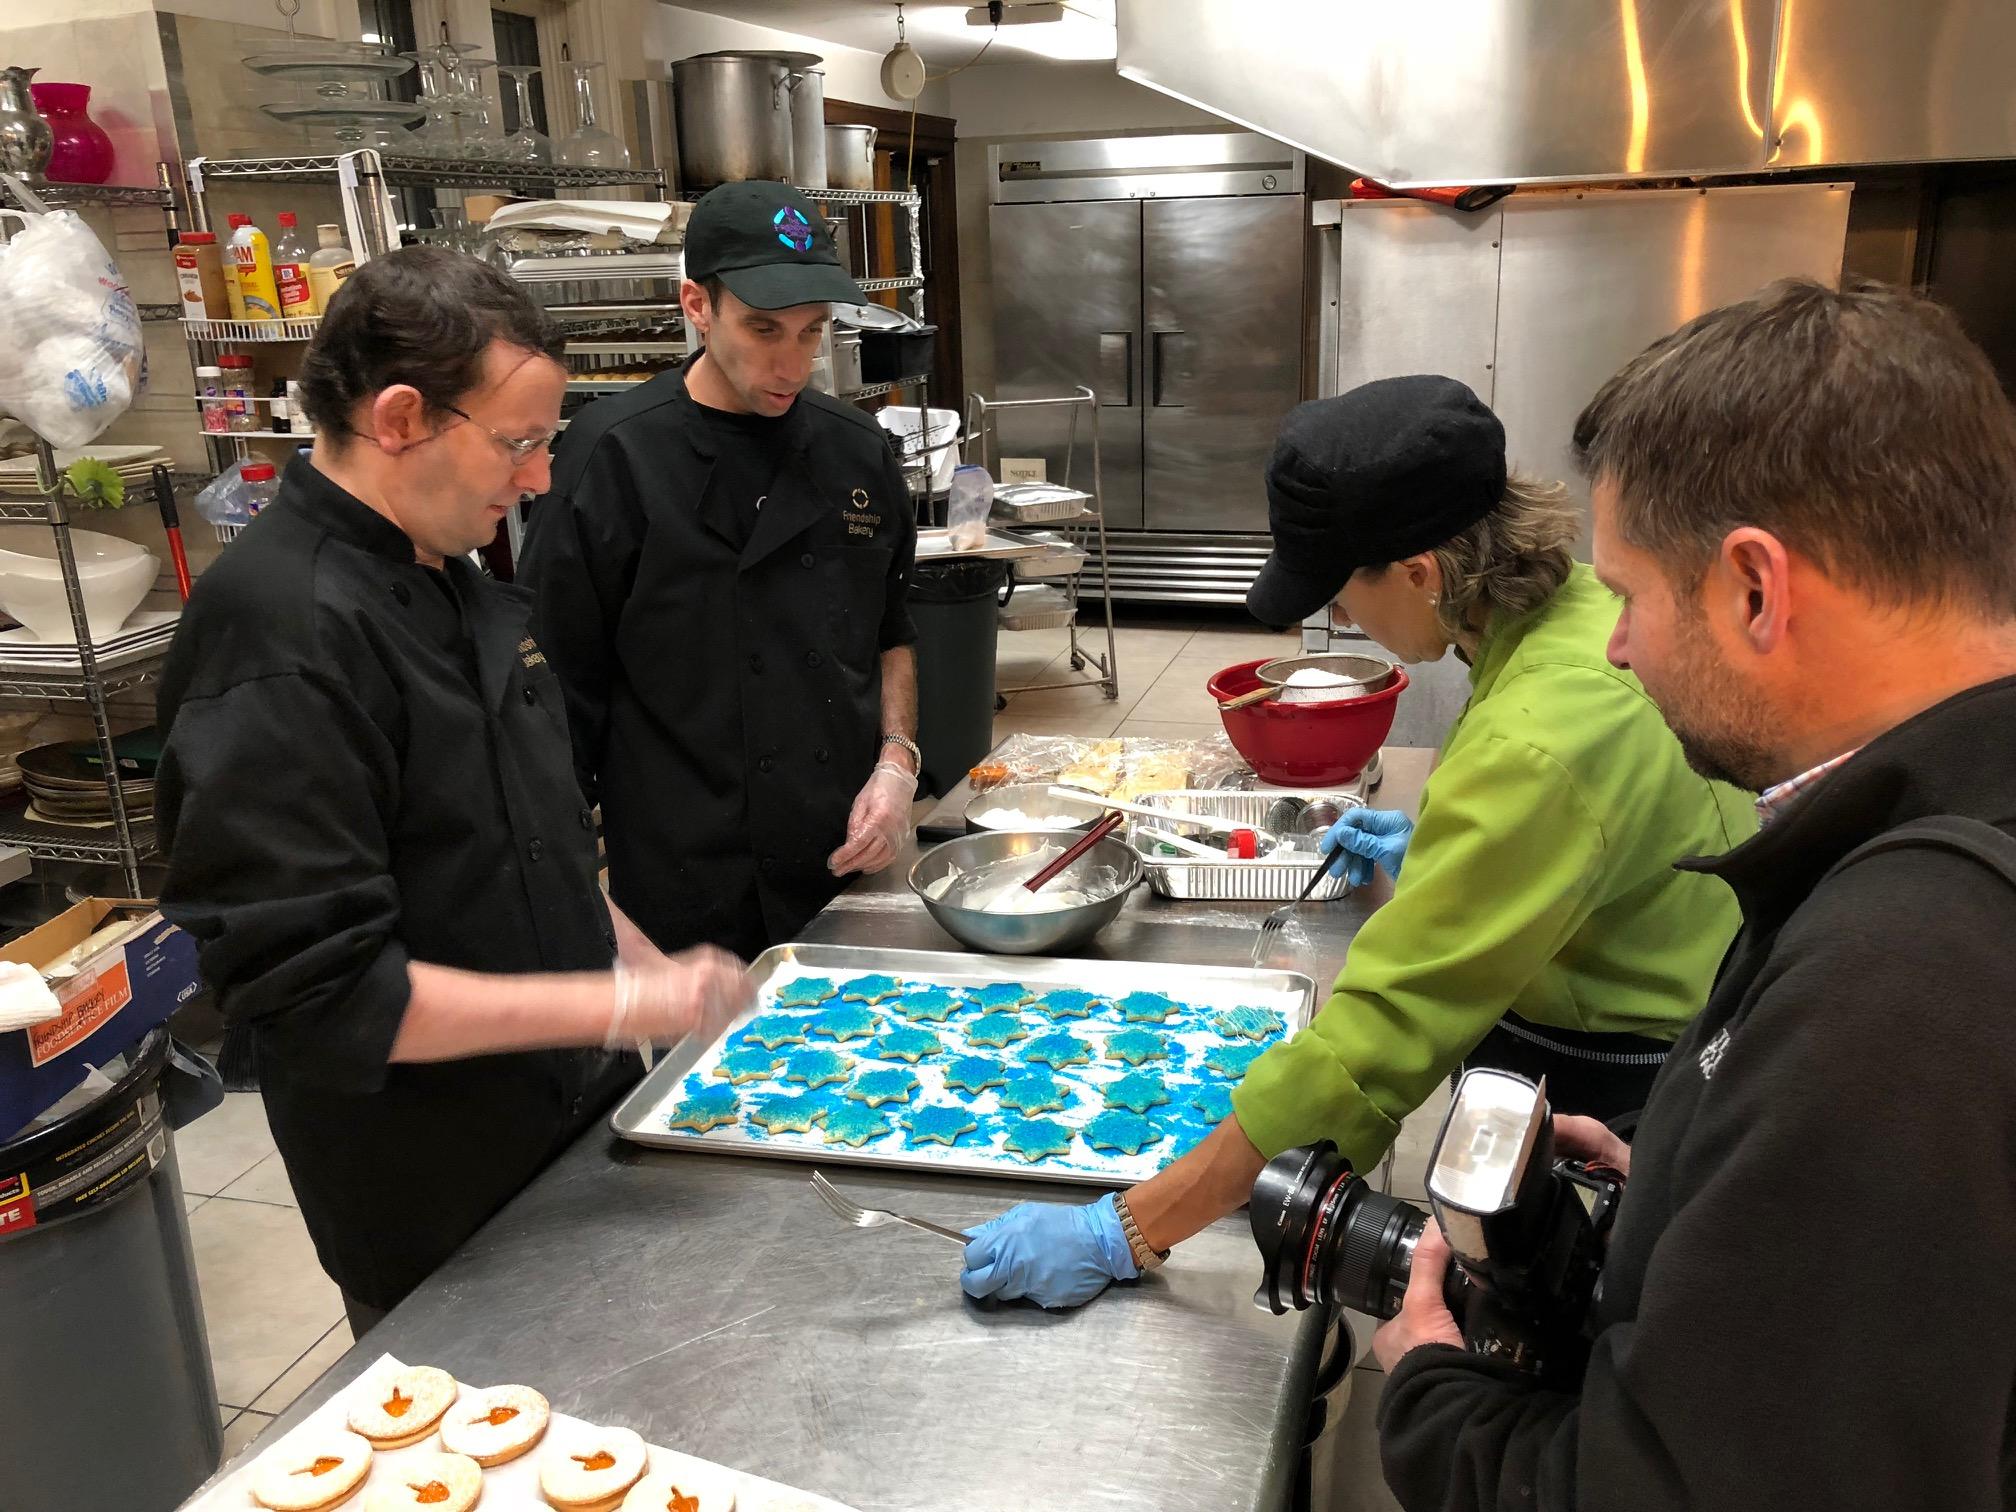 Making Chanukah Cookies